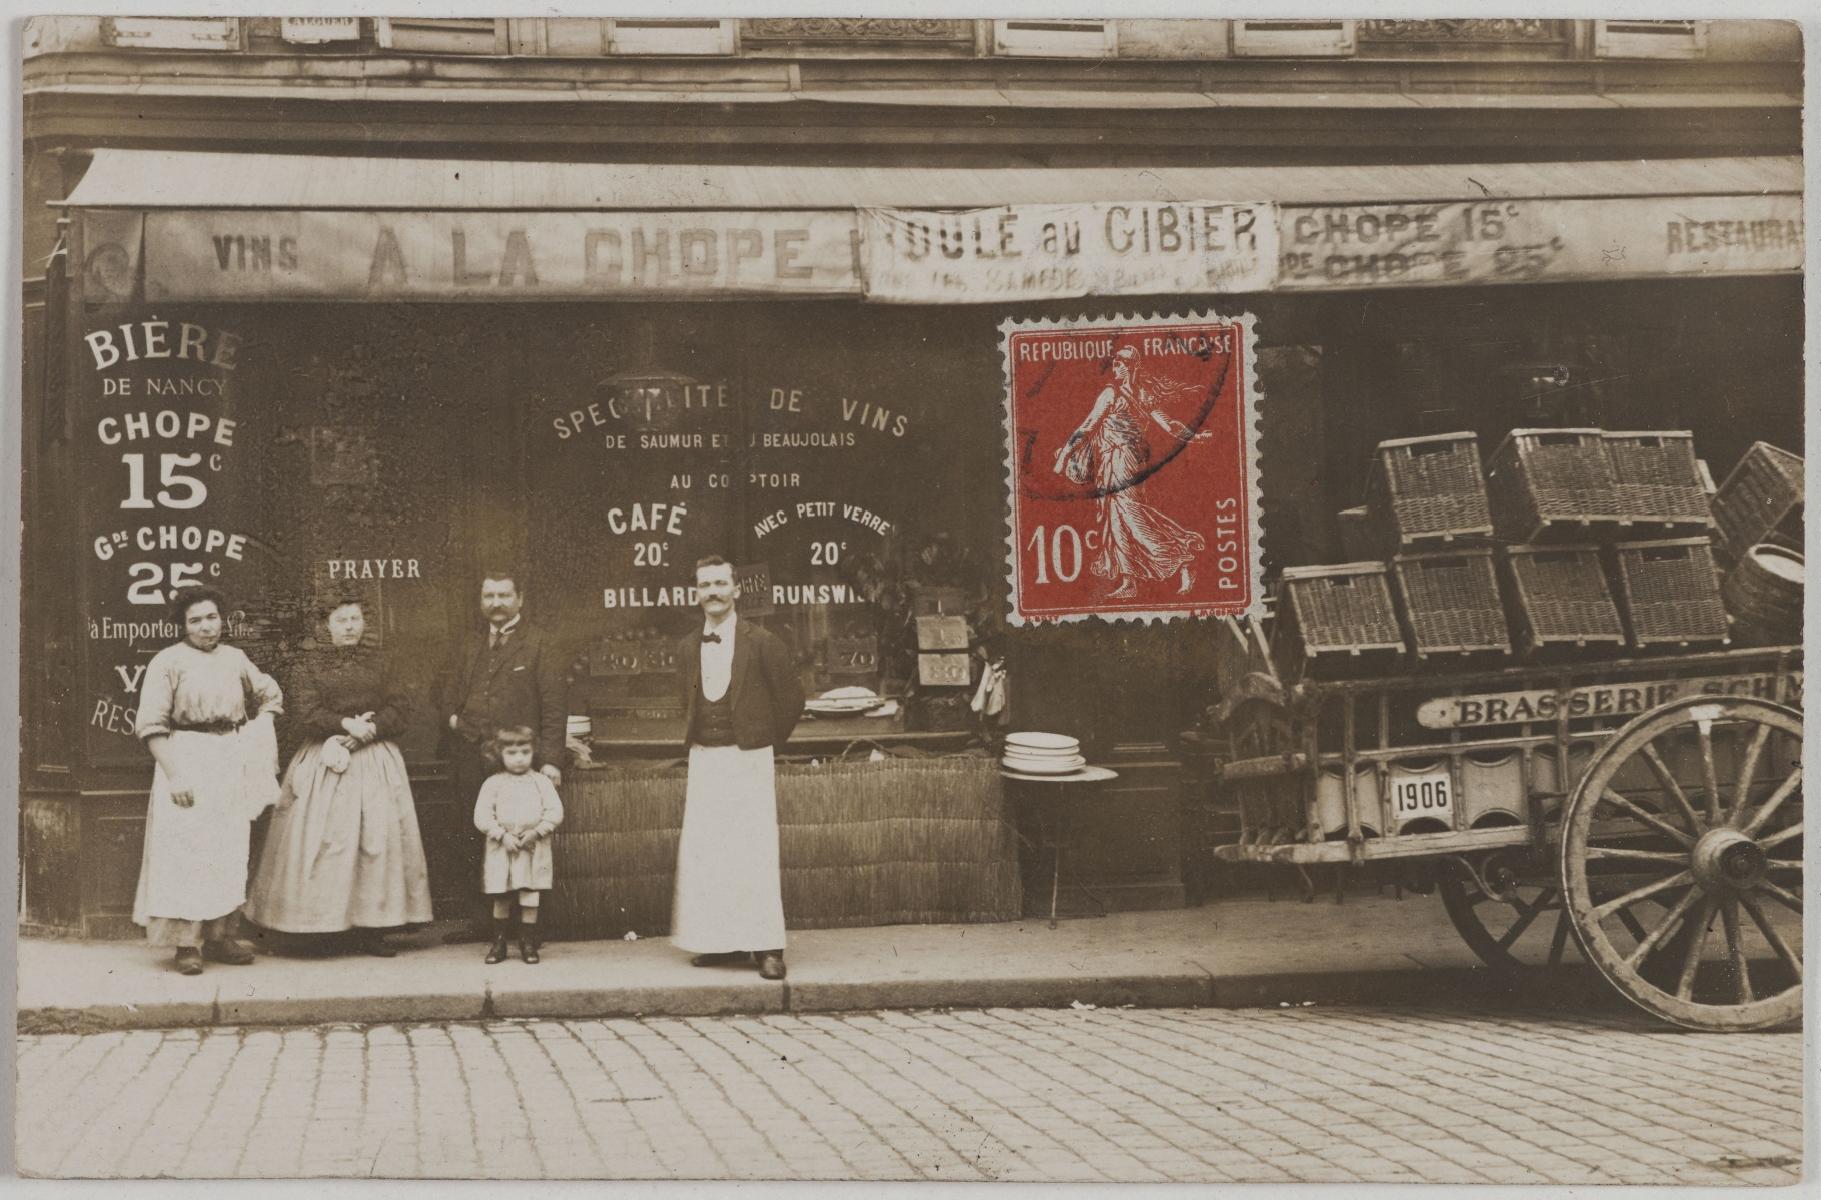 1911. Ресторан. 74, rue de Rochechouart и 79, rue de Dunkerque (9-й округ). Сейчас на этом месте магазин багажа